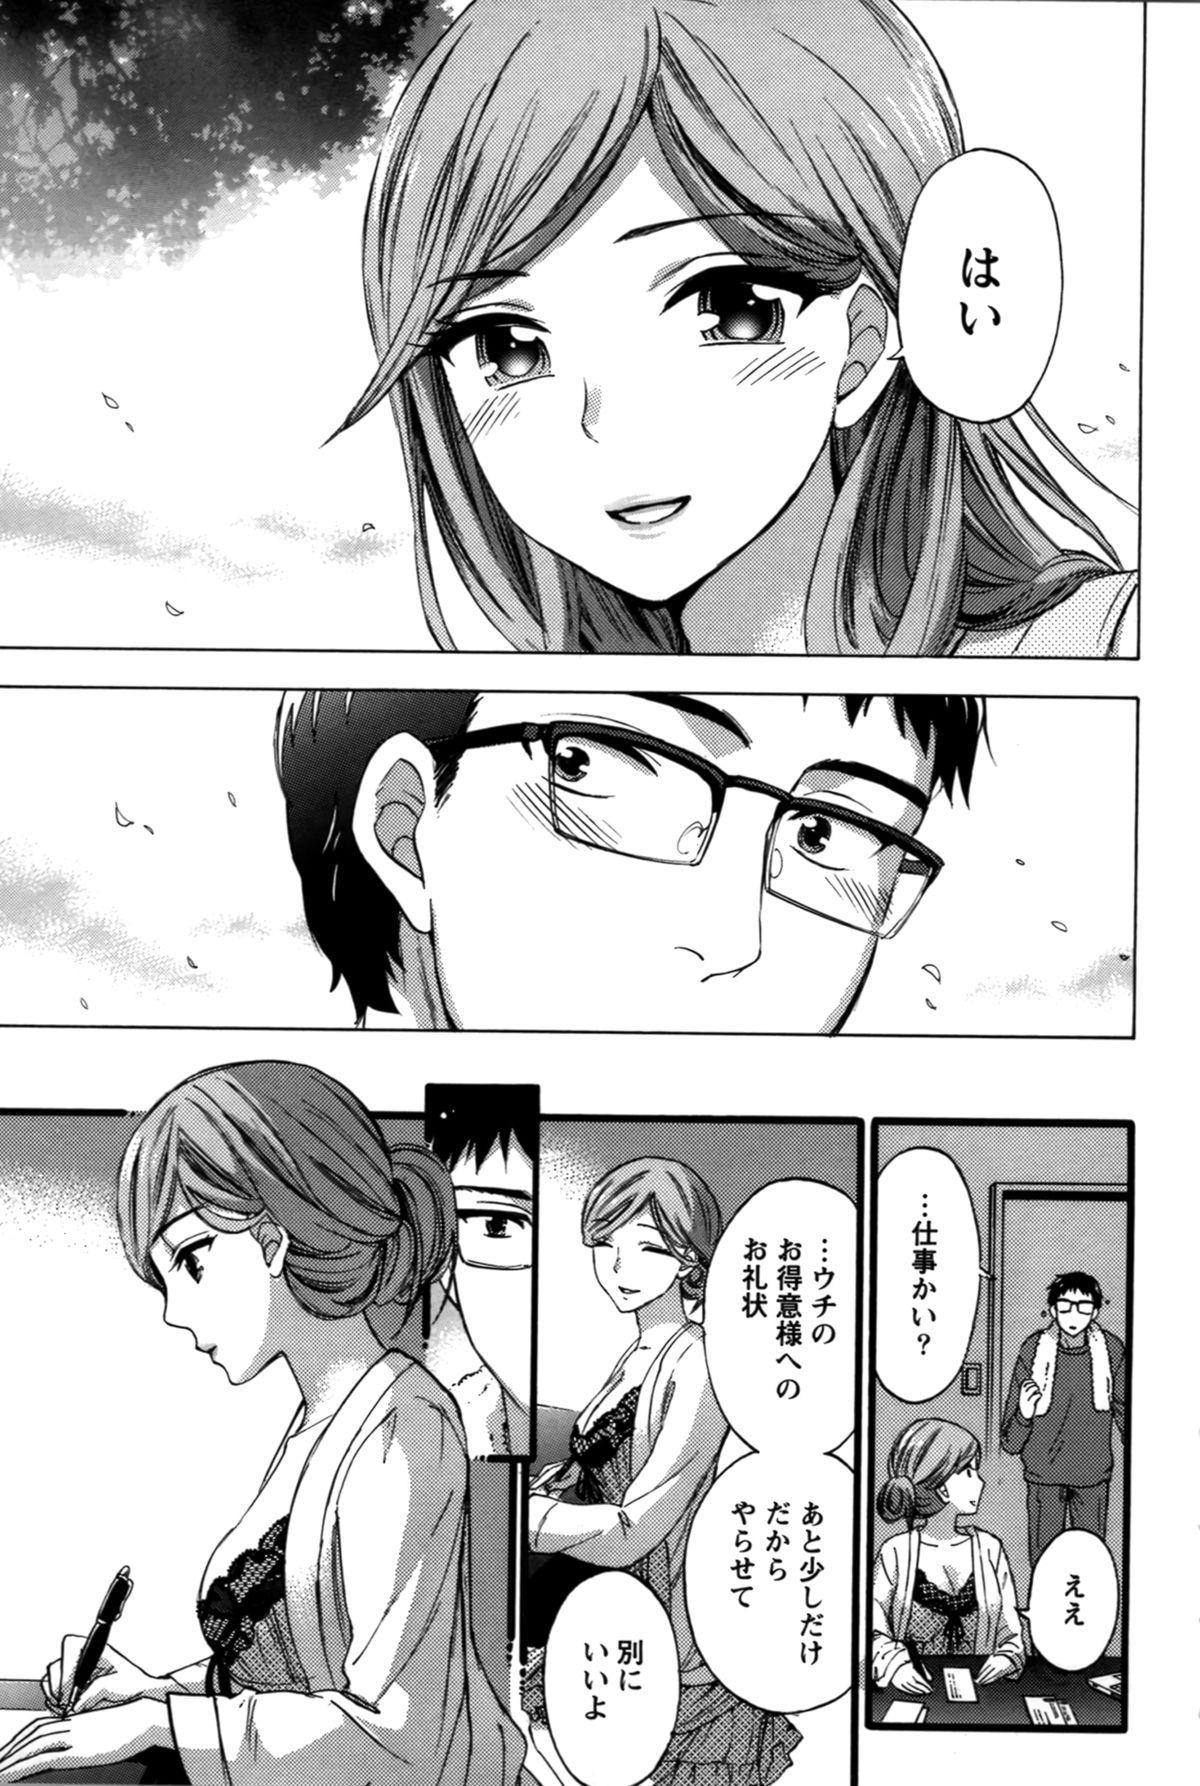 Anata to Watashi wa Warukunai 143